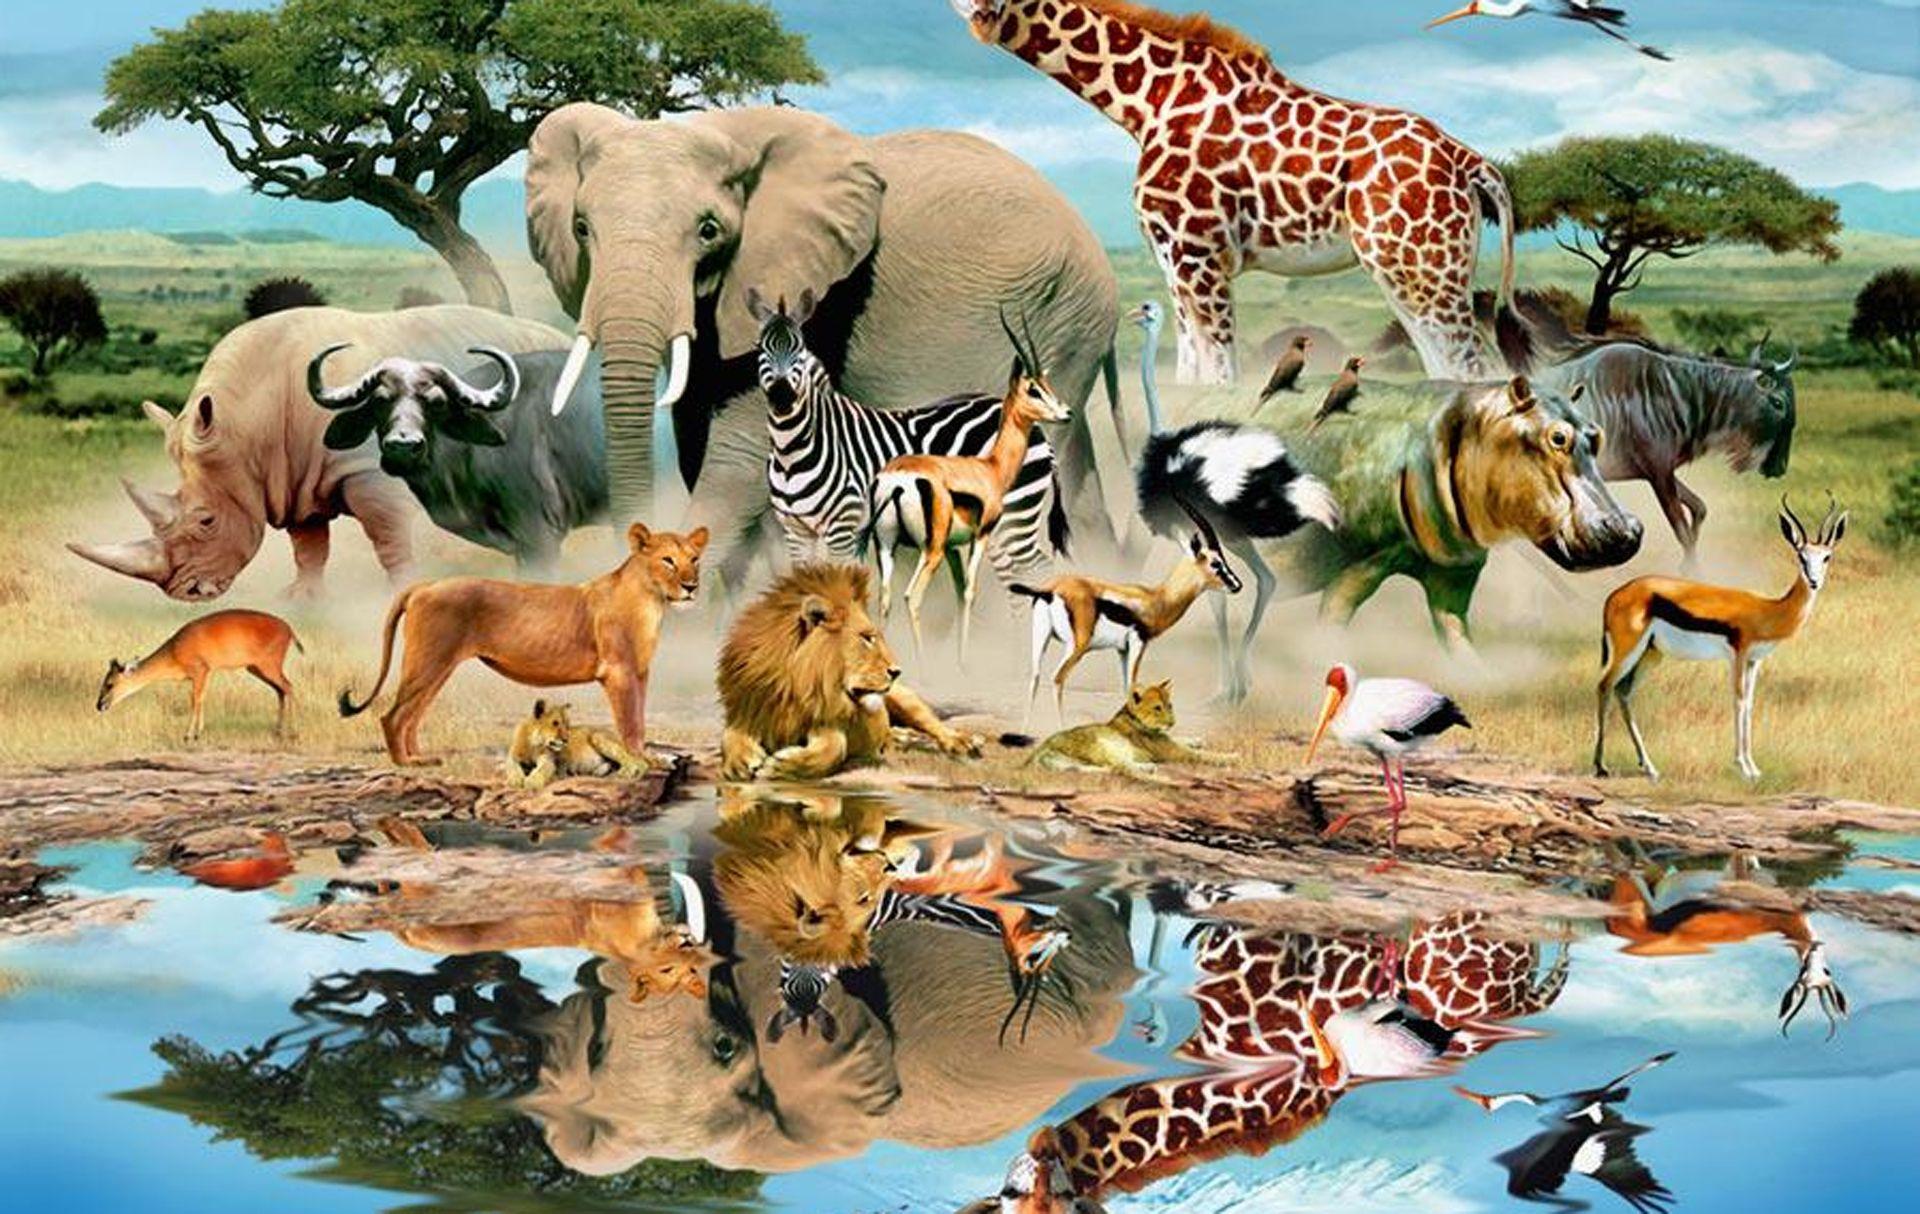 wateringholewildlifemural.jpg wildlife Pinterest